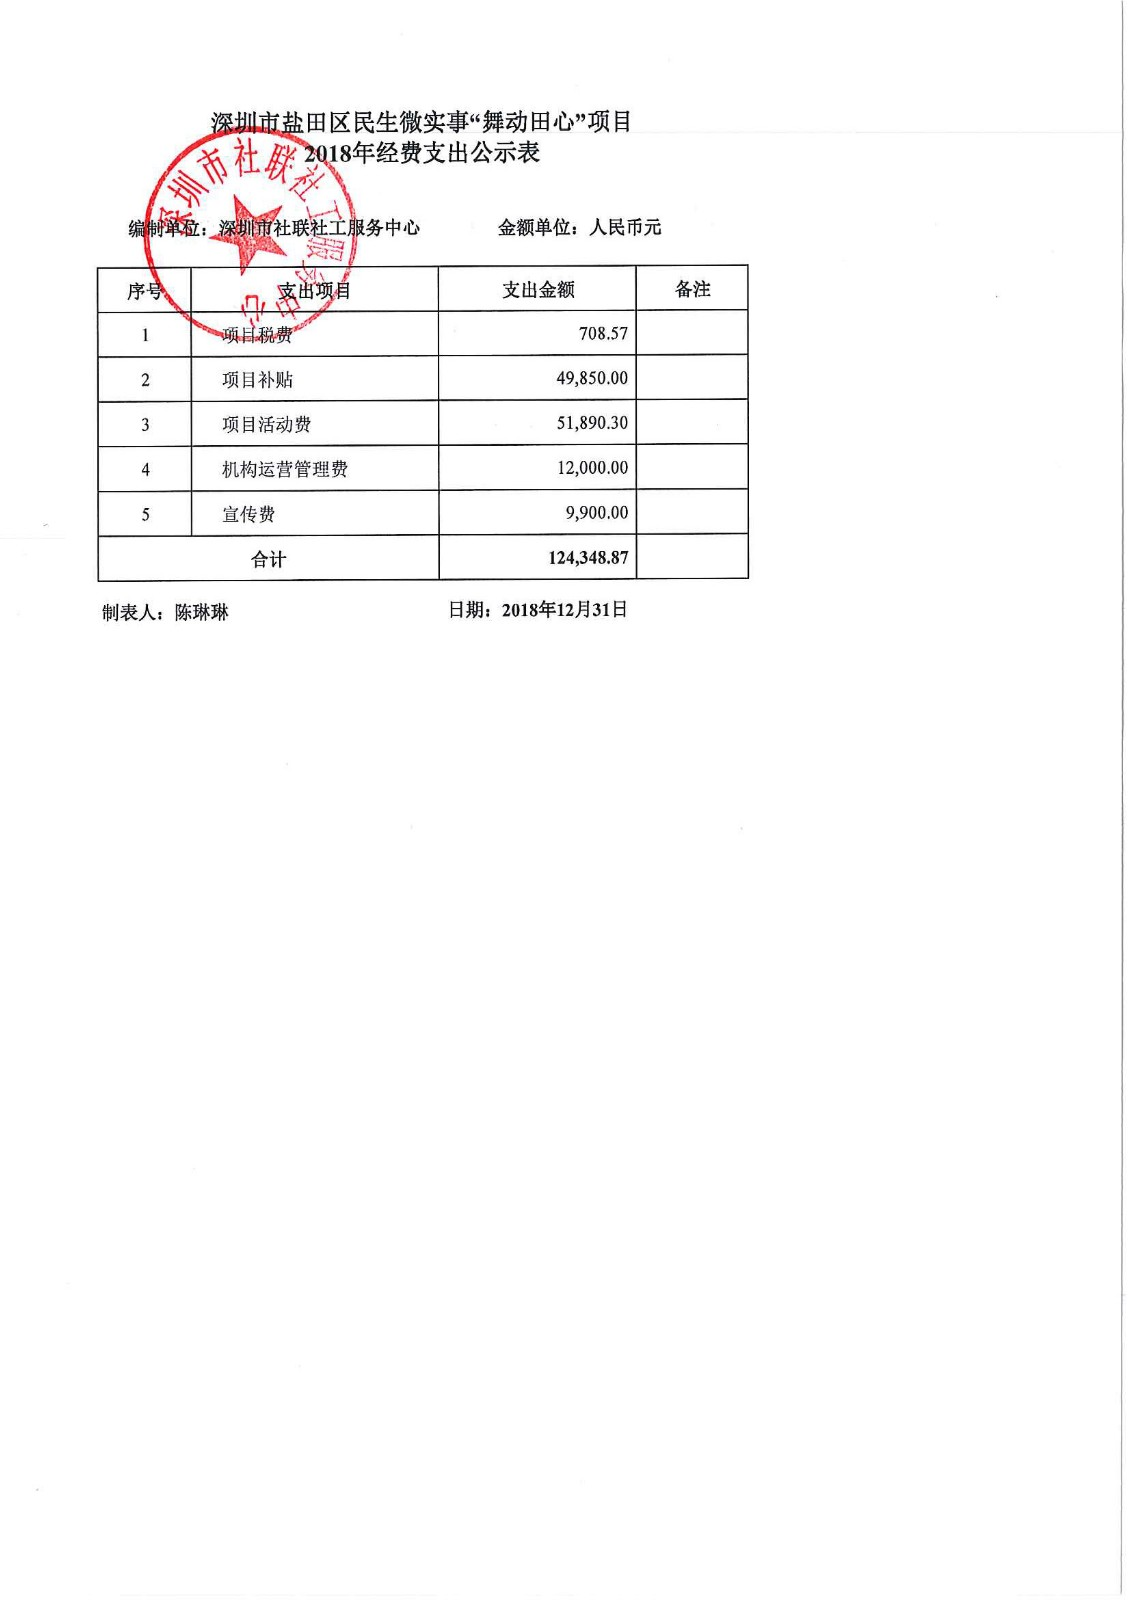 舞动田心项目2018年费用支出公示表 (2)